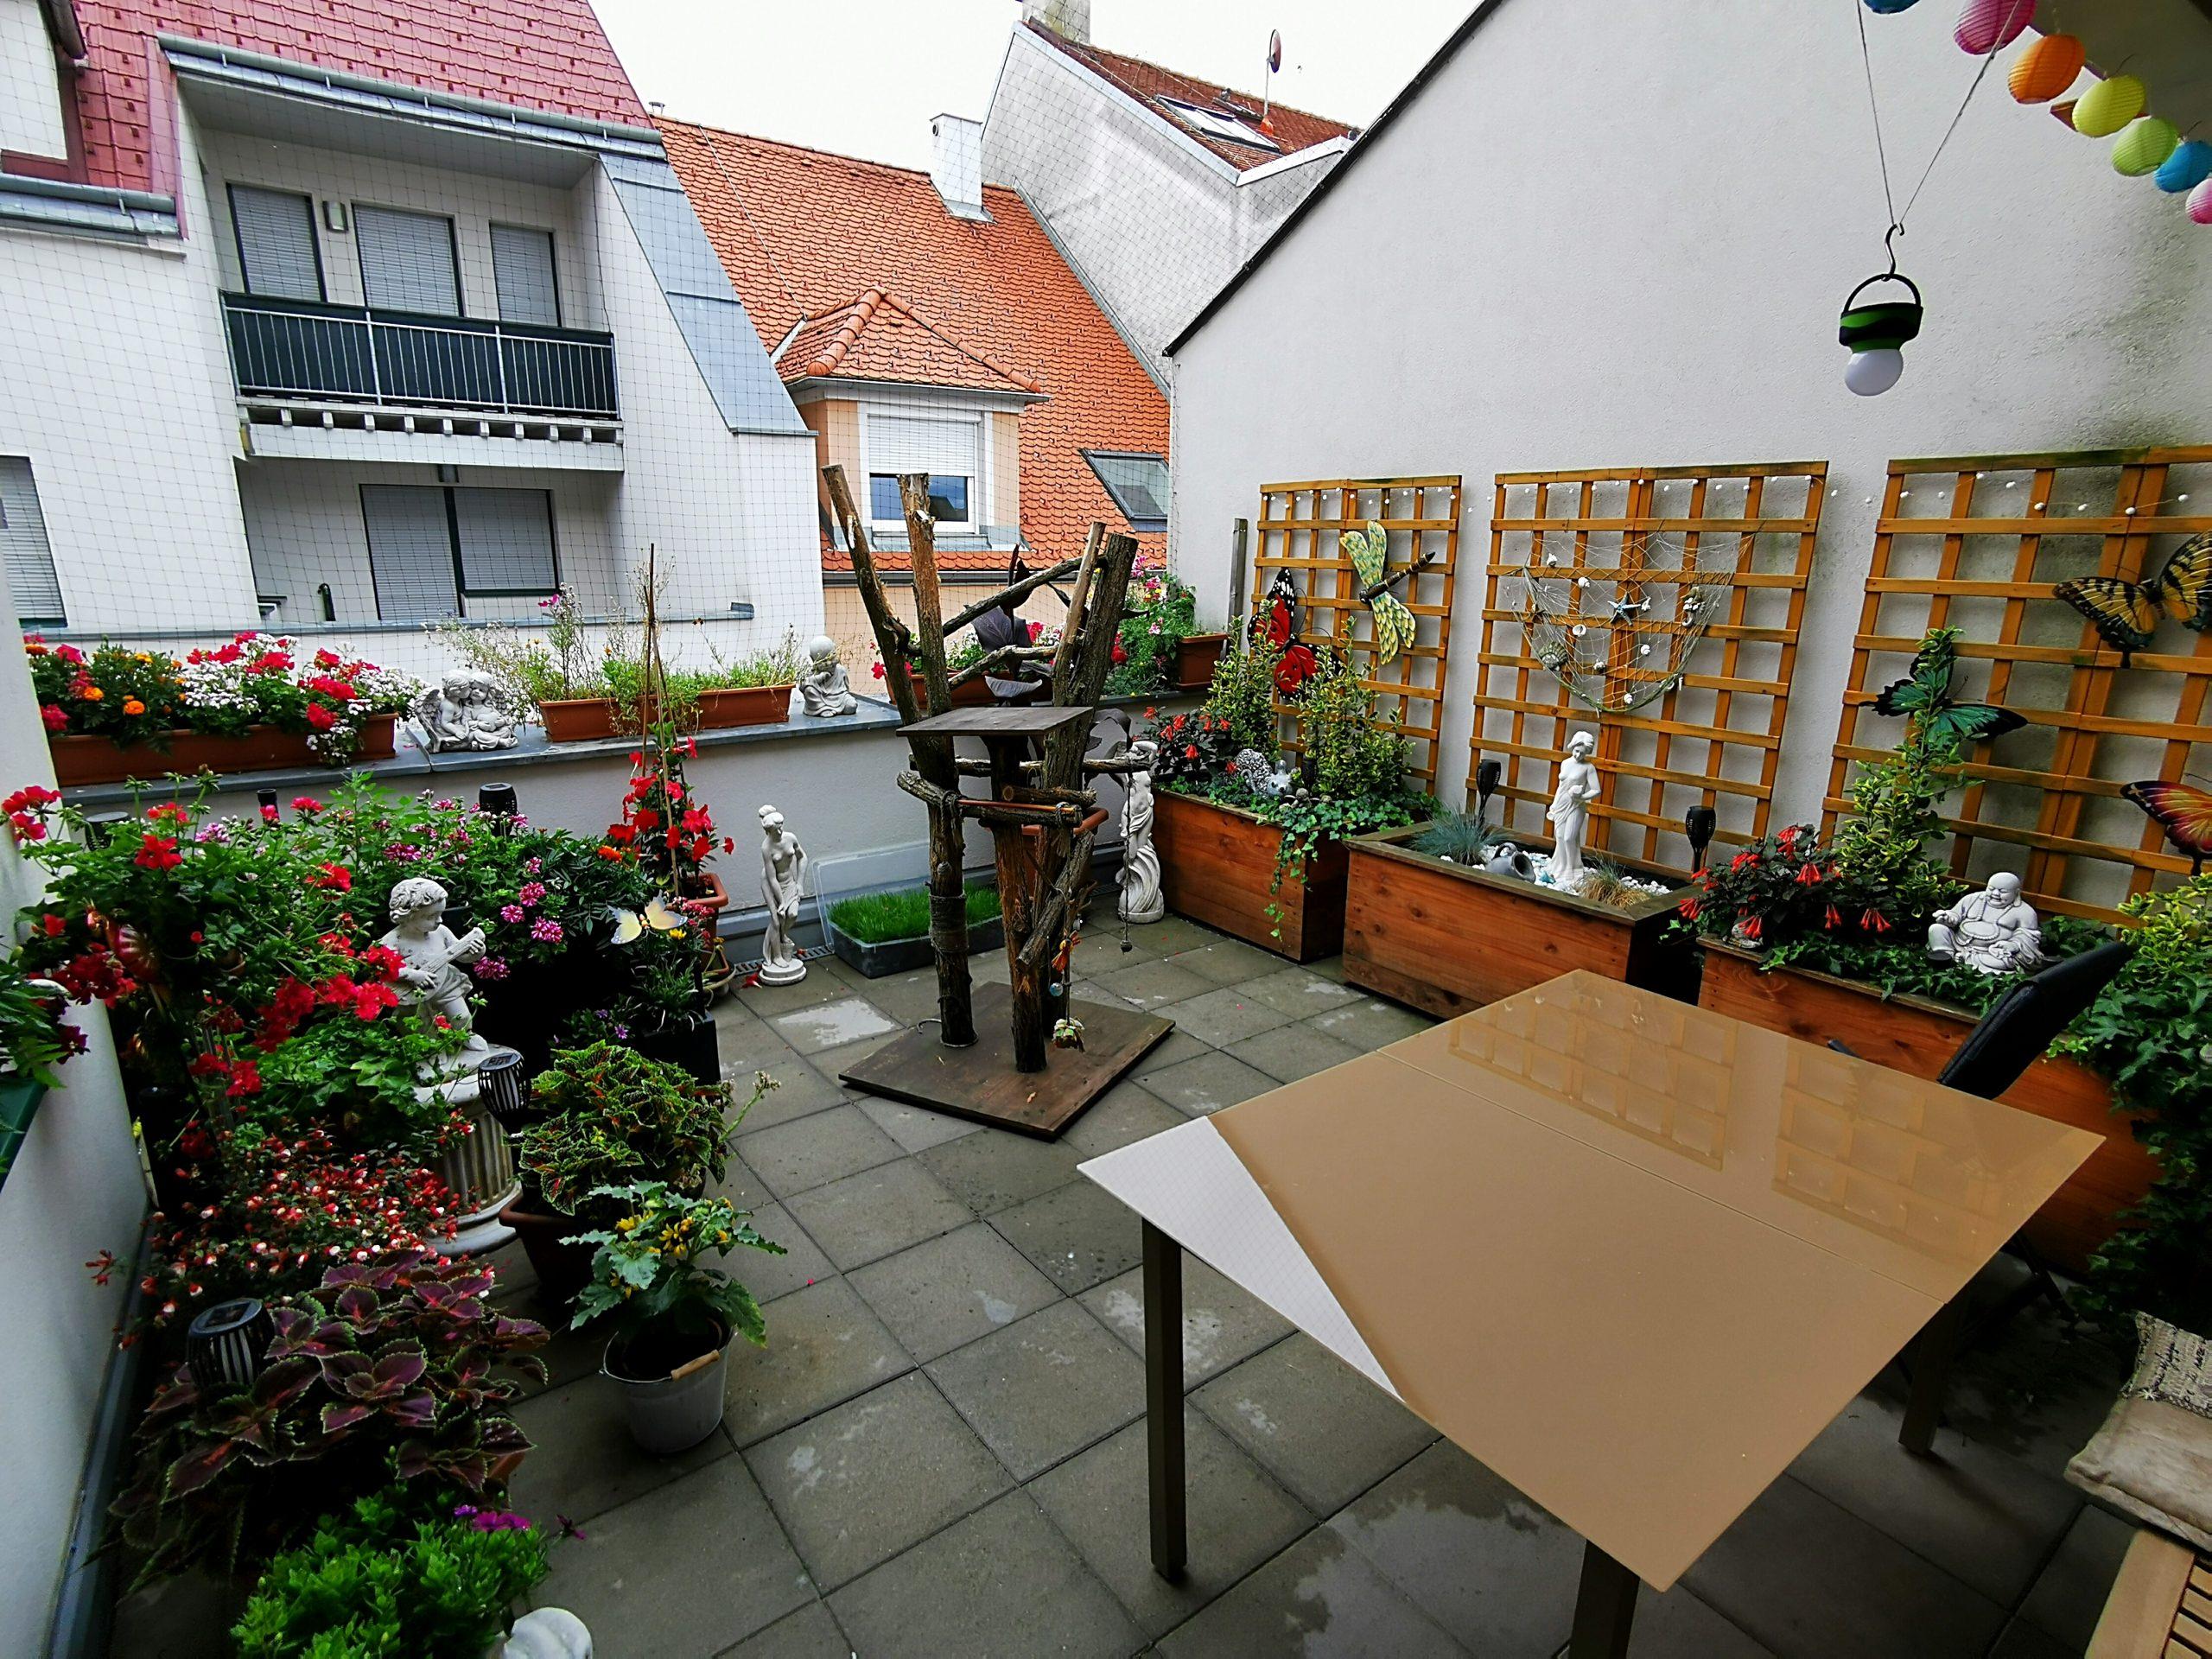 Immobilie von Kamptal in 2136 Laa an der Thaya, Mistelbach, Laa/ Thaya VII - Top 8 - Stadtplatz Nr. 61 #4